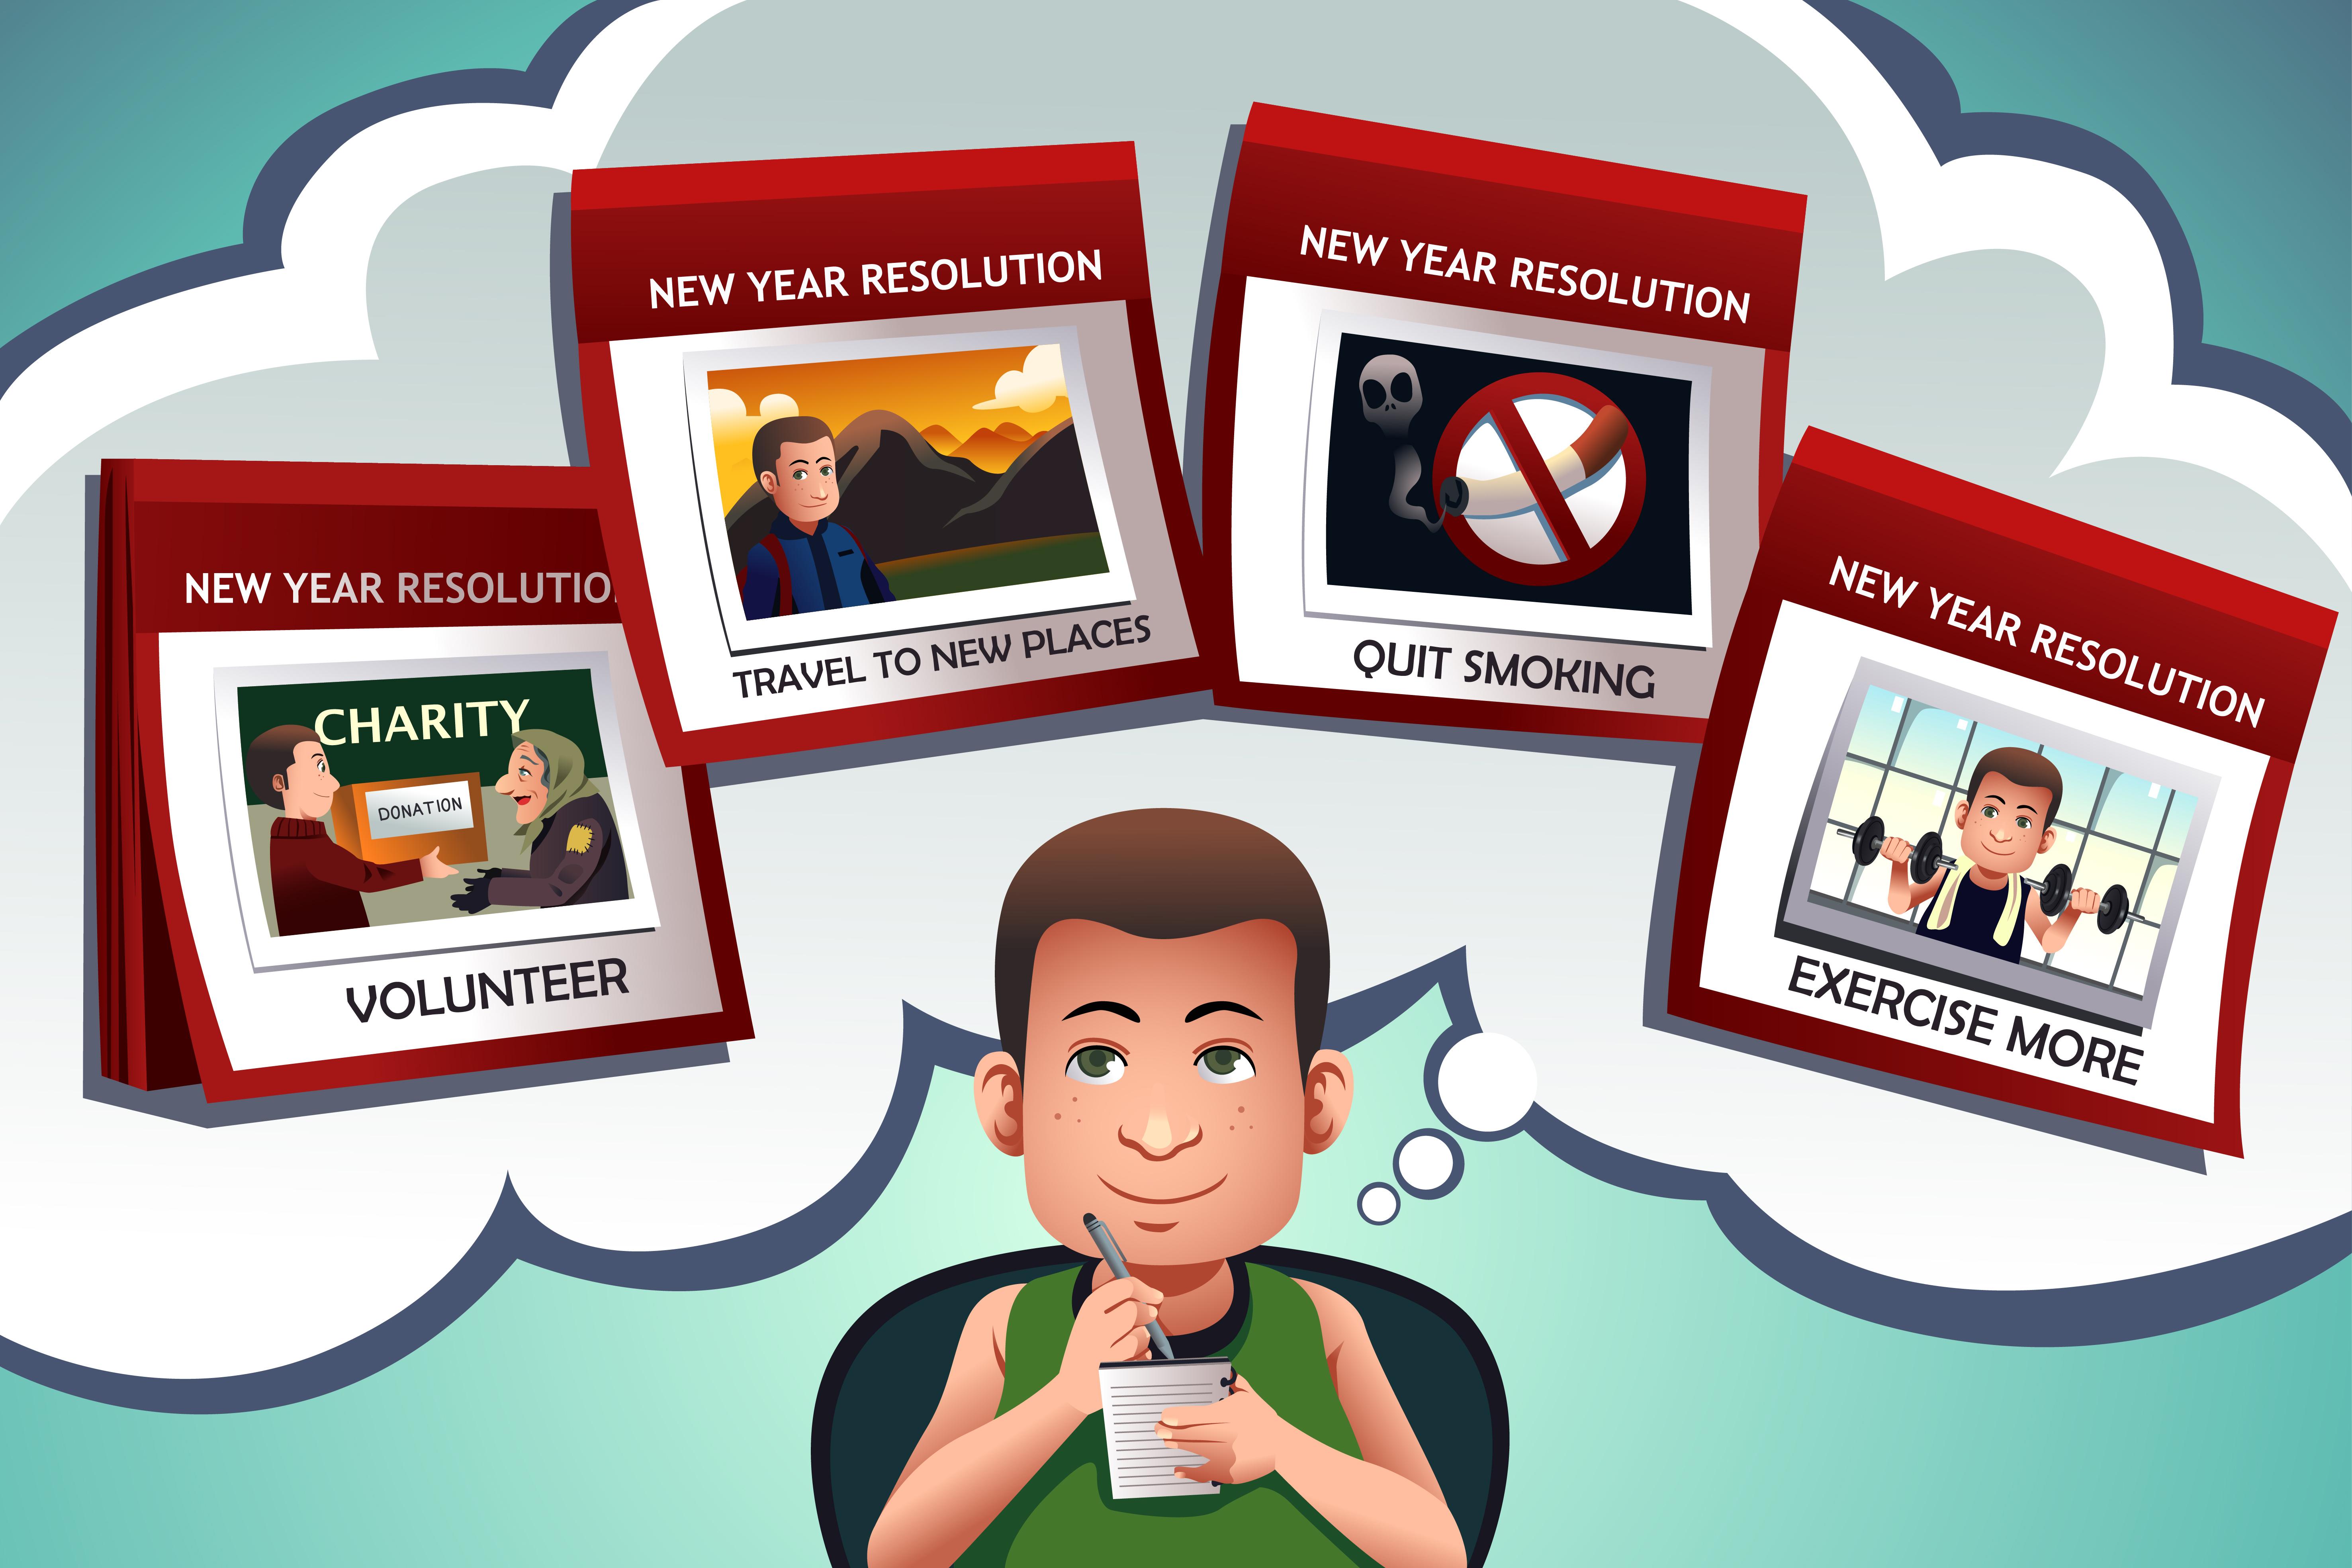 Innovation et astuces pour vendre mieux - Henri Kaufman 4